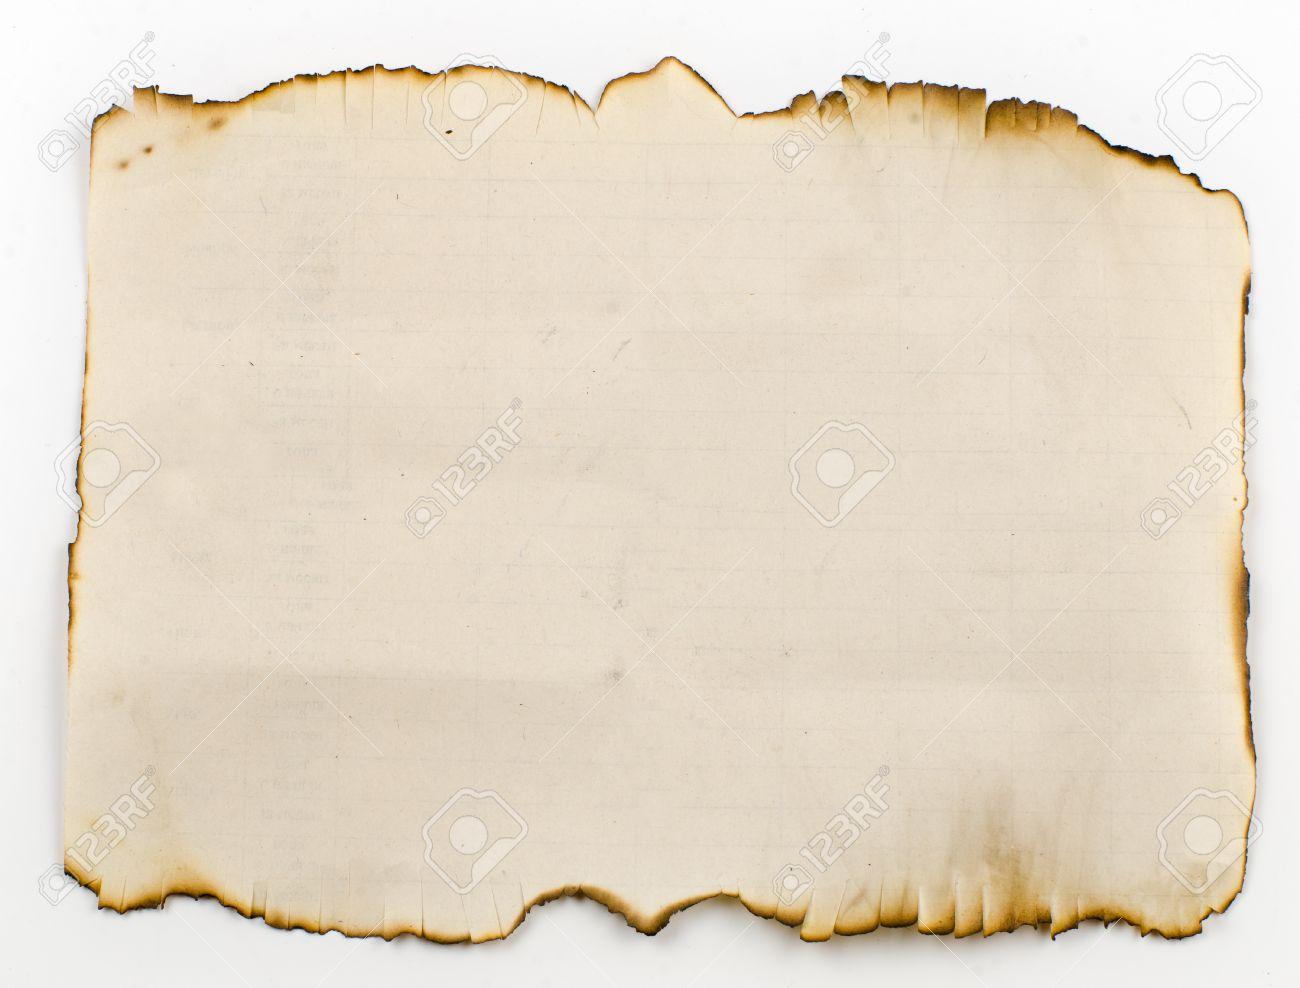 Vieux, Brûlé Sur Les Bords De La Feuille De Papier. Comme Un Vieux  Parchemin, Sur Lequel Les Pirates Ont Attiré Une Carte Au Trésor. Banque  D'Images Et Photos Libres De Droits. Image